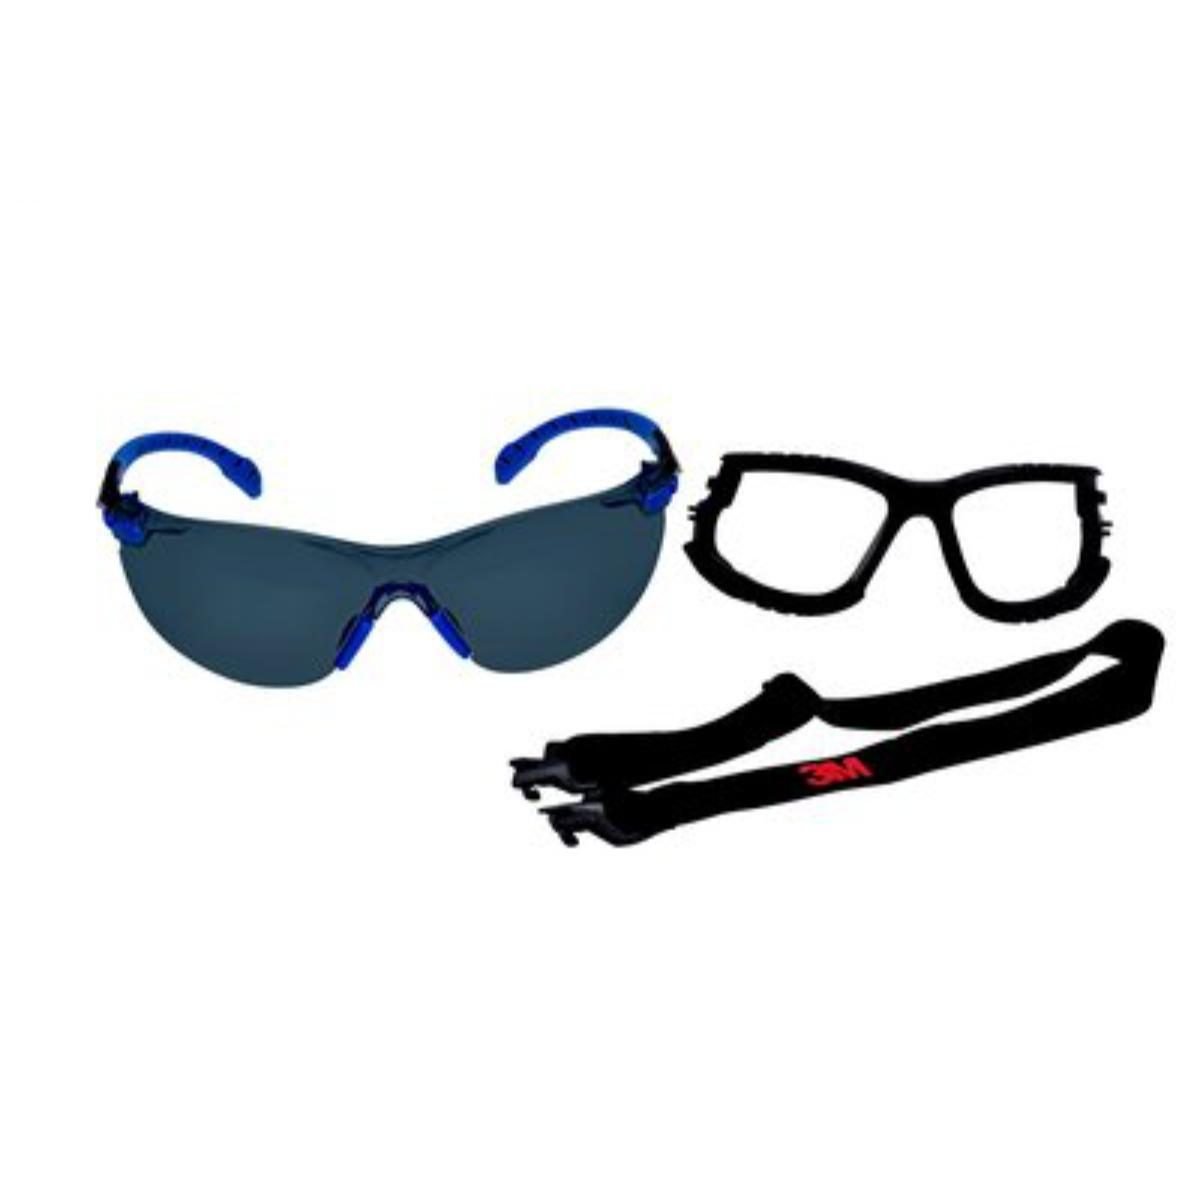 """3Mâ""""¢ Solusâ""""¢ 1000-Series S1102SGAF-KT Foam Strap, Black/Blue, Grey Scotchgardâ""""¢ Anti-fog Lens, 20 EA/Case"""